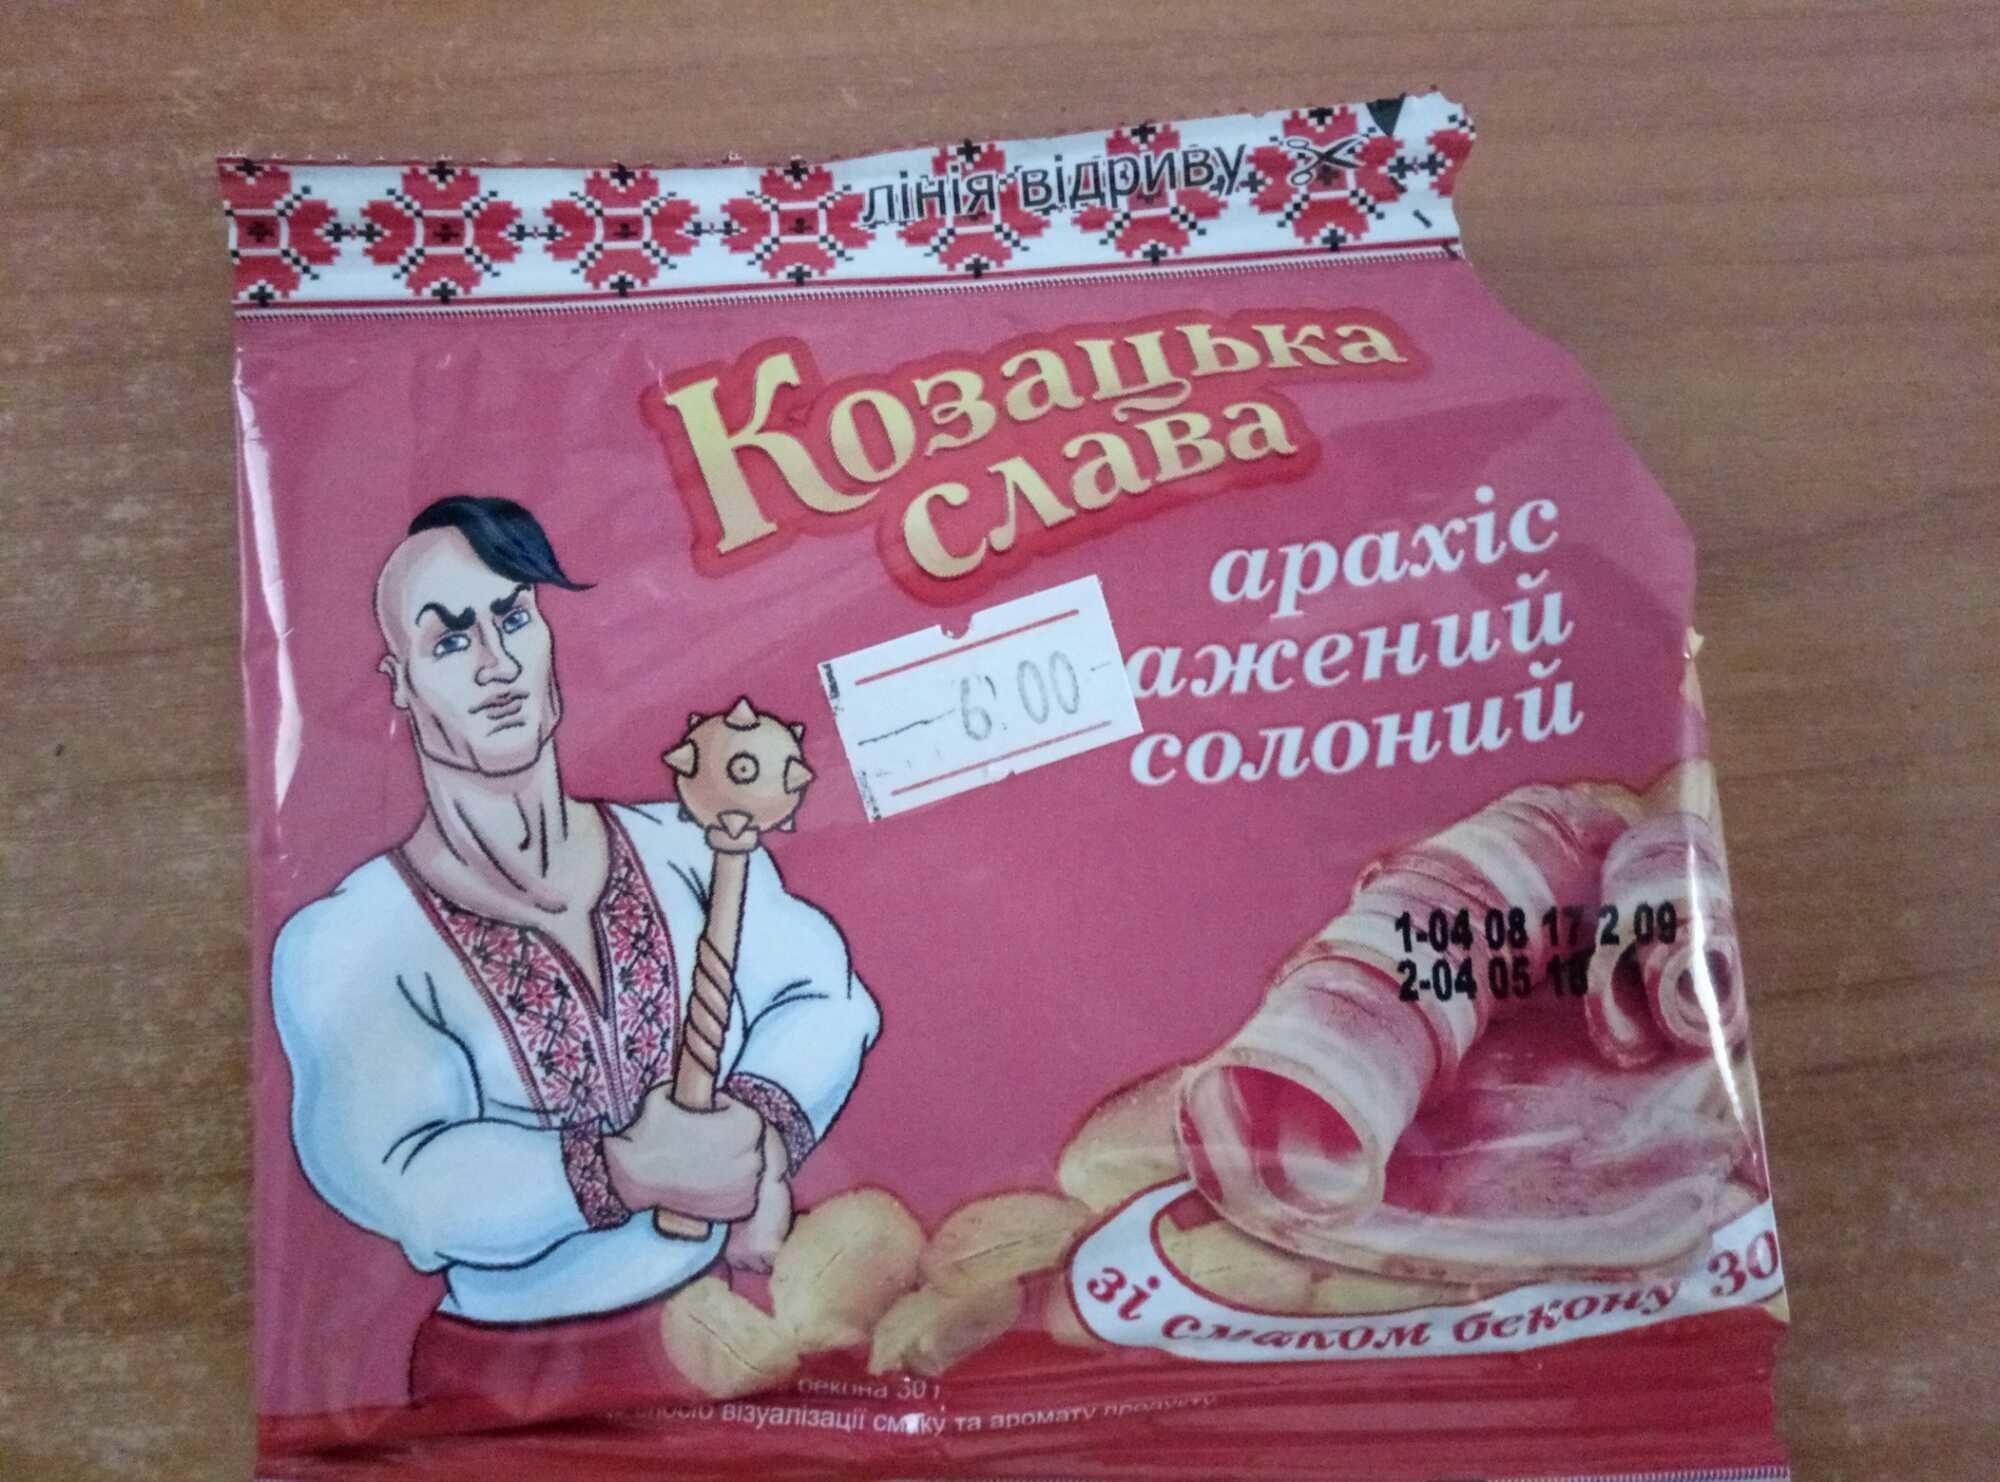 Арахис жареный солёный со вкусом бекона - Product